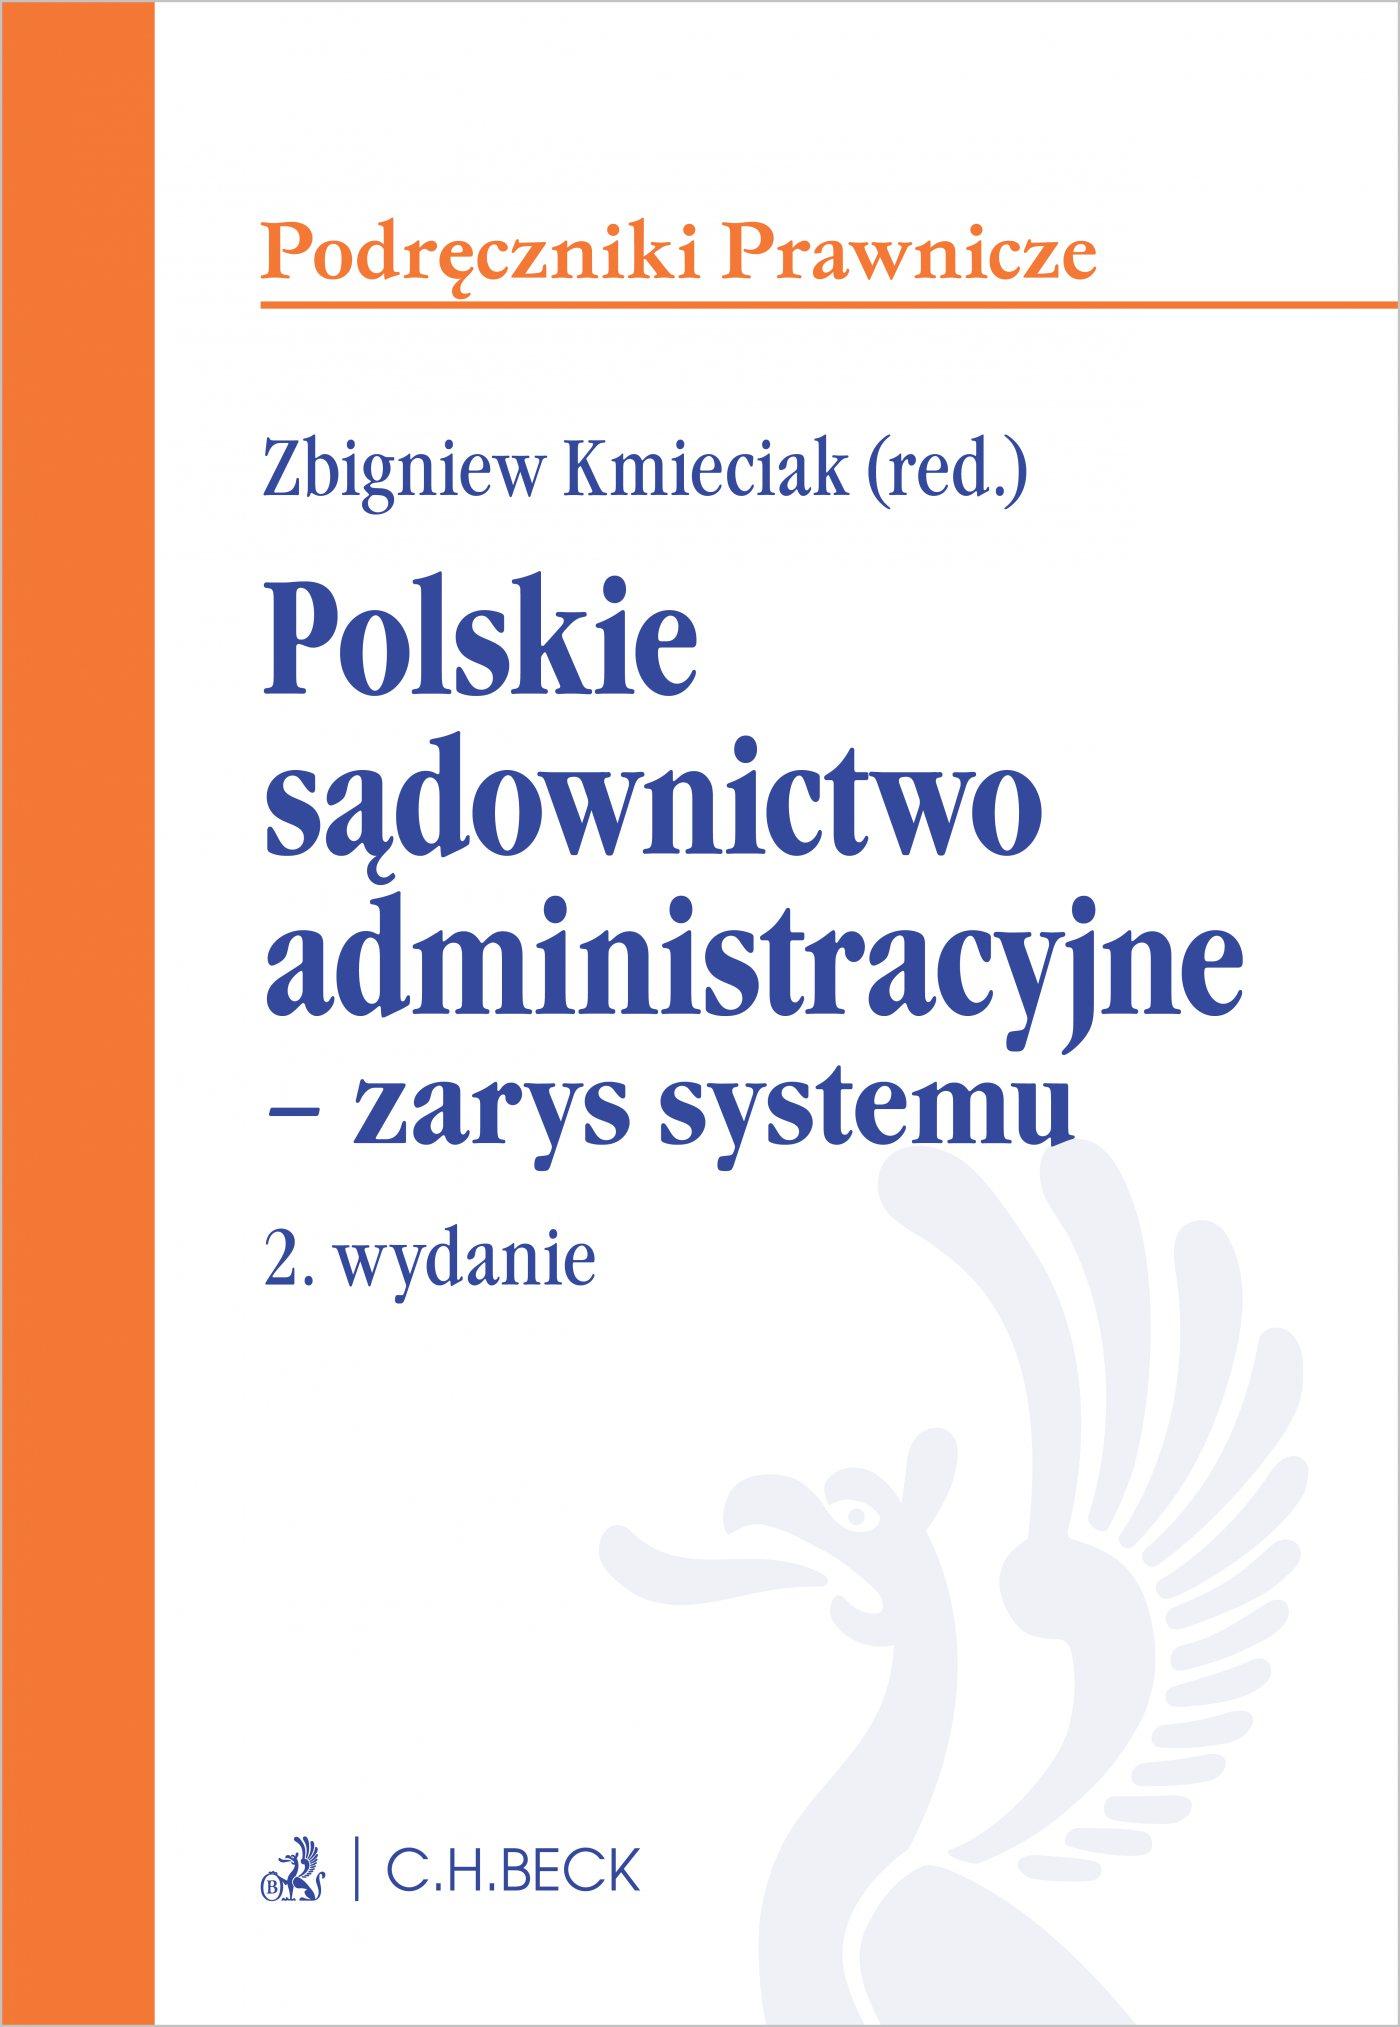 Polskie sądownictwo administracyjne - zarys systemu. Wydanie 2 - Ebook (Książka PDF) do pobrania w formacie PDF